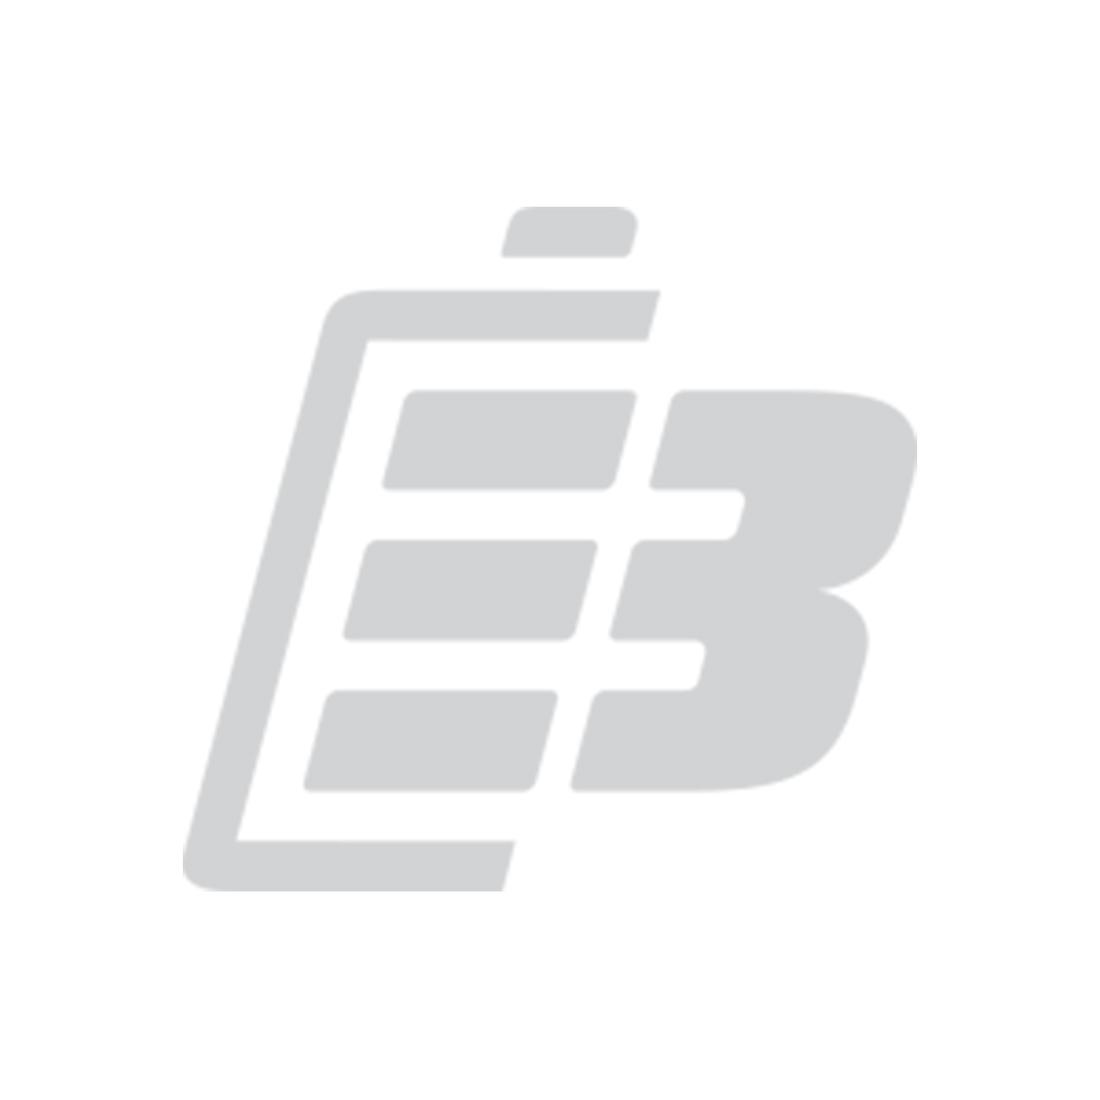 Μπαταρία Laptop Fujitsu Siemens Amilo Pi3650_1